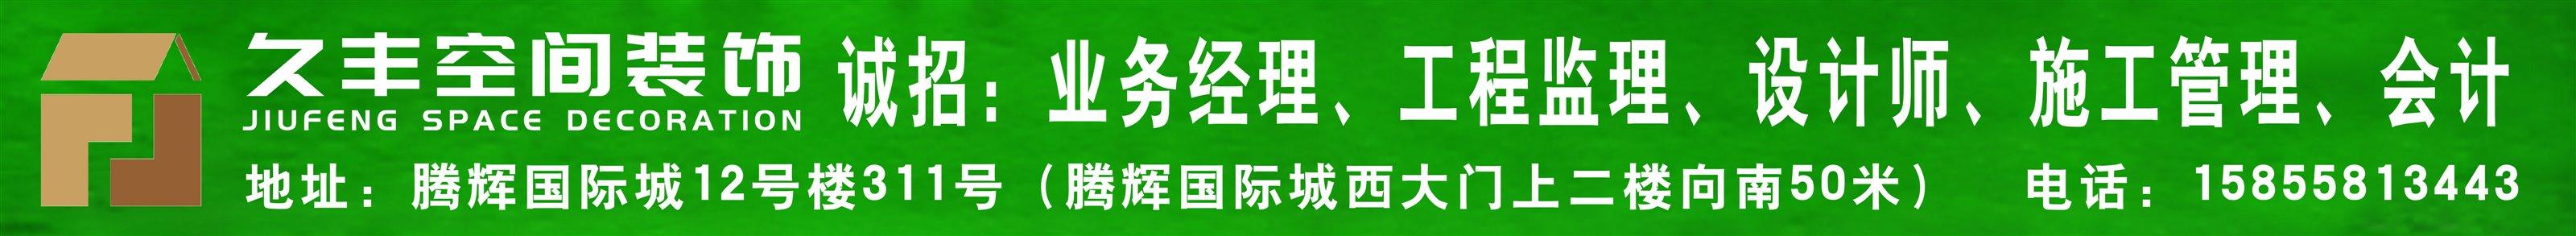 安徽省久丰空间装饰